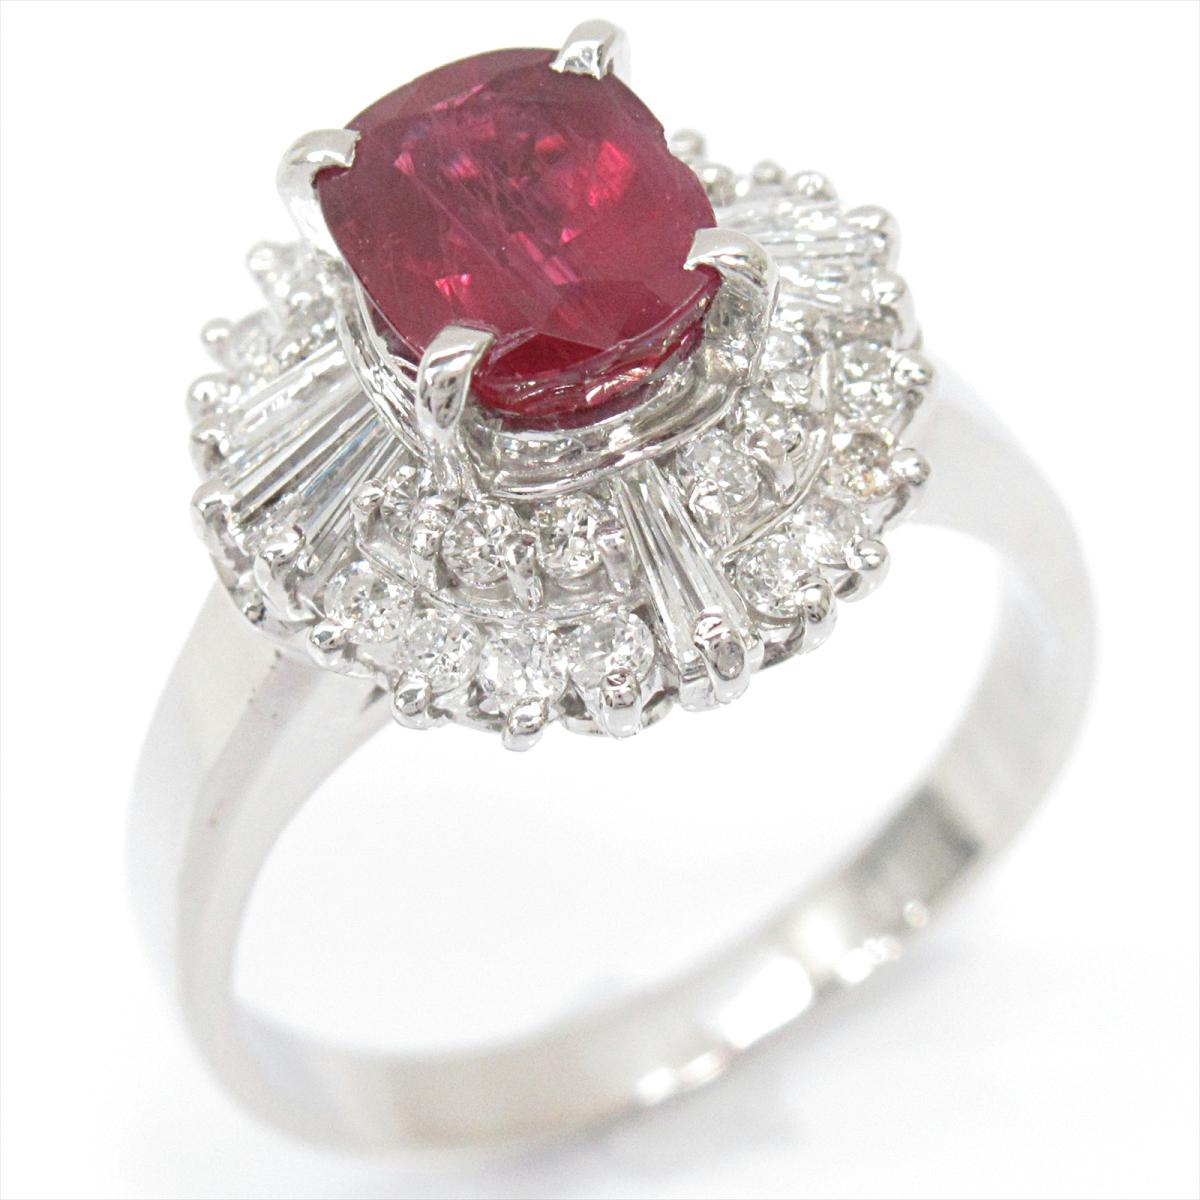 ジュエリー ルビー リング 指輪 ノーブランドジュエリー レディース PT900 プラチナ x (1.32ct) ダイヤモンド (0.59ct) | JEWELRY BRANDOFF ブランドオフ ブランド アクセサリー